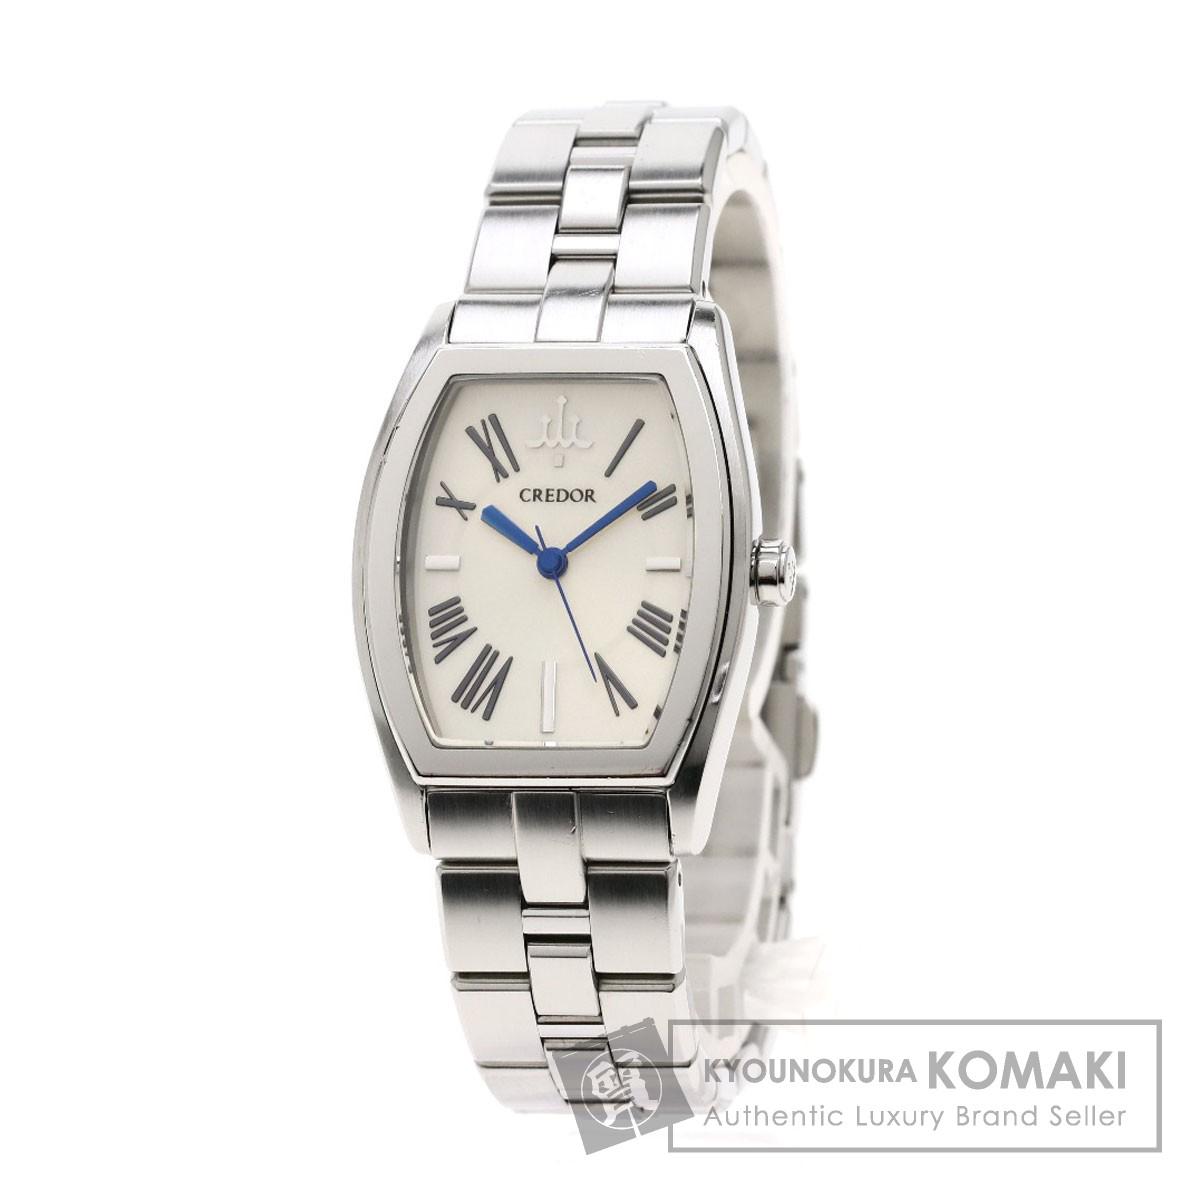 セイコー 4J81-0AE0 クレドール シグノアクア 腕時計 ステンレススチール/SS レディース 【中古】【SEIKO】